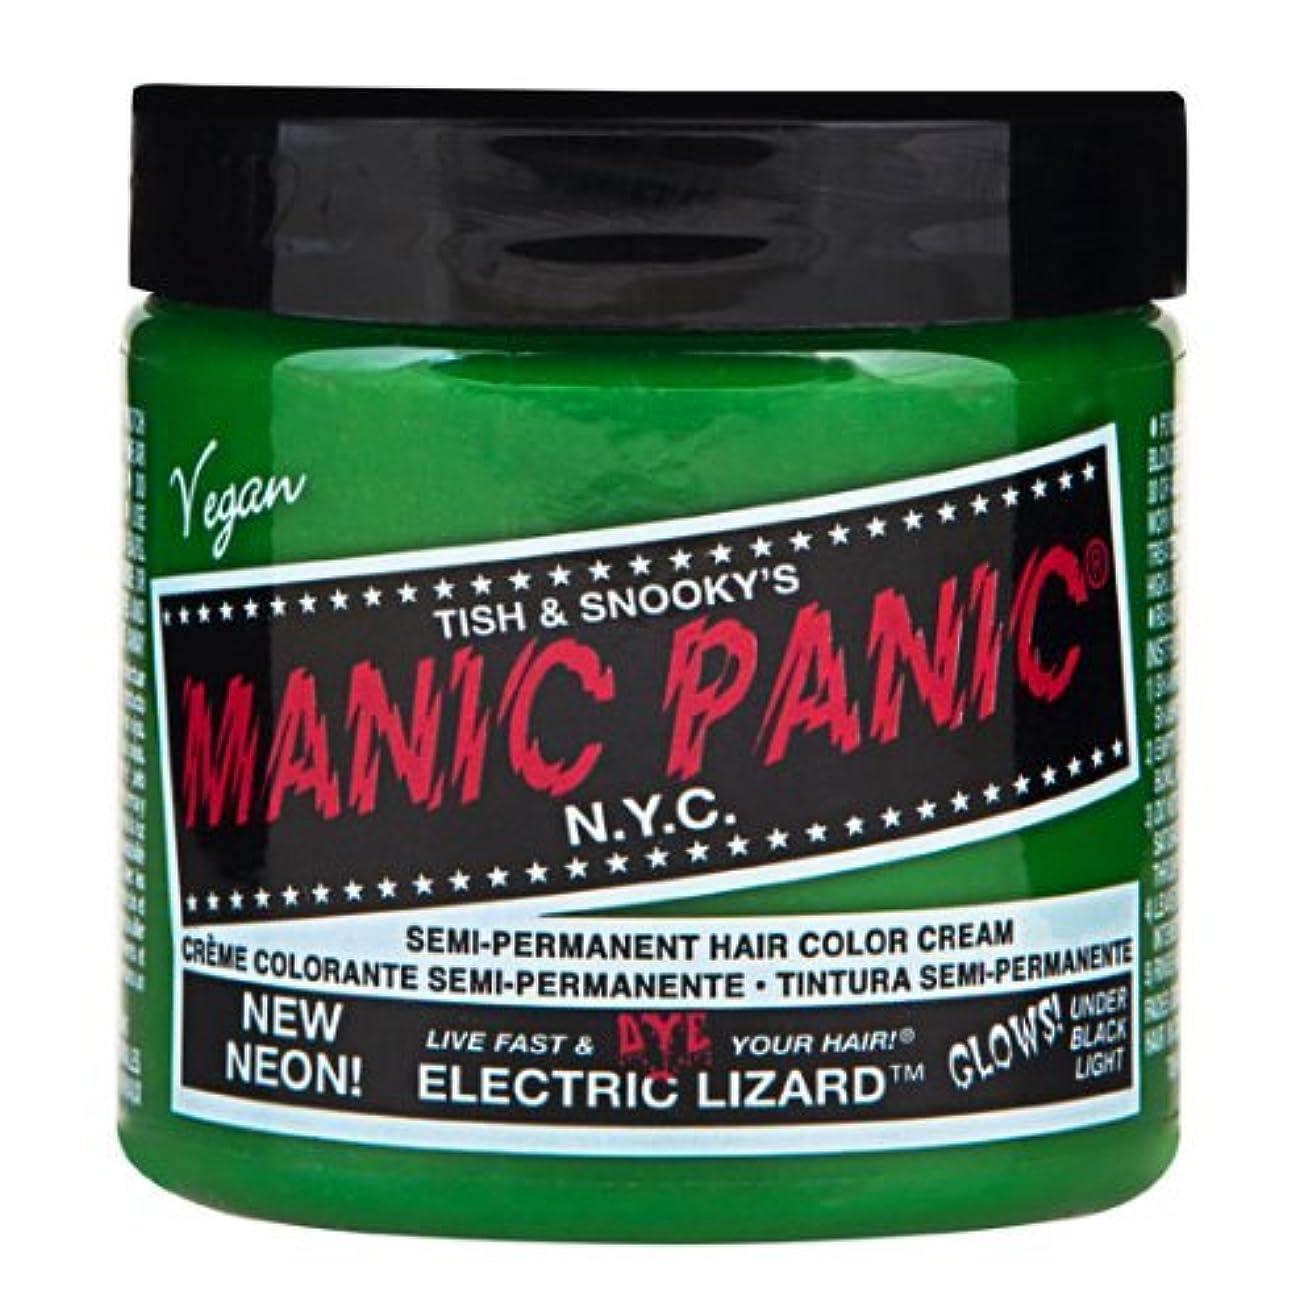 流星バング大陸マニックパニック MANIC PANIC ヘアカラー 118mlネオンエレクトリックリザード ヘアーカラー